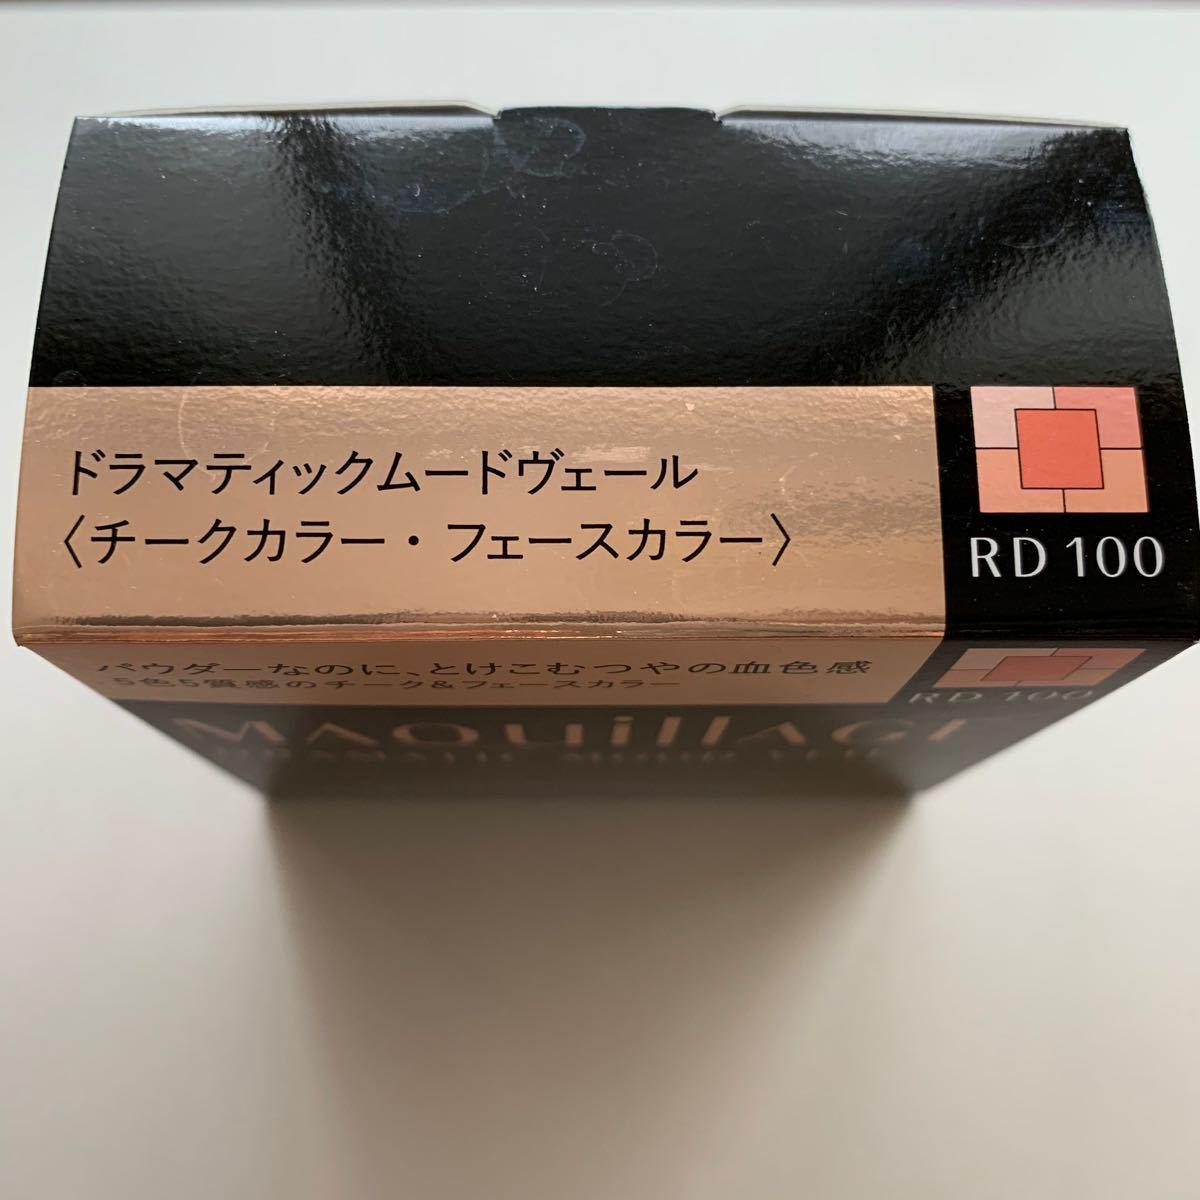 マキアージュ ドラマティックムードヴェール RD100